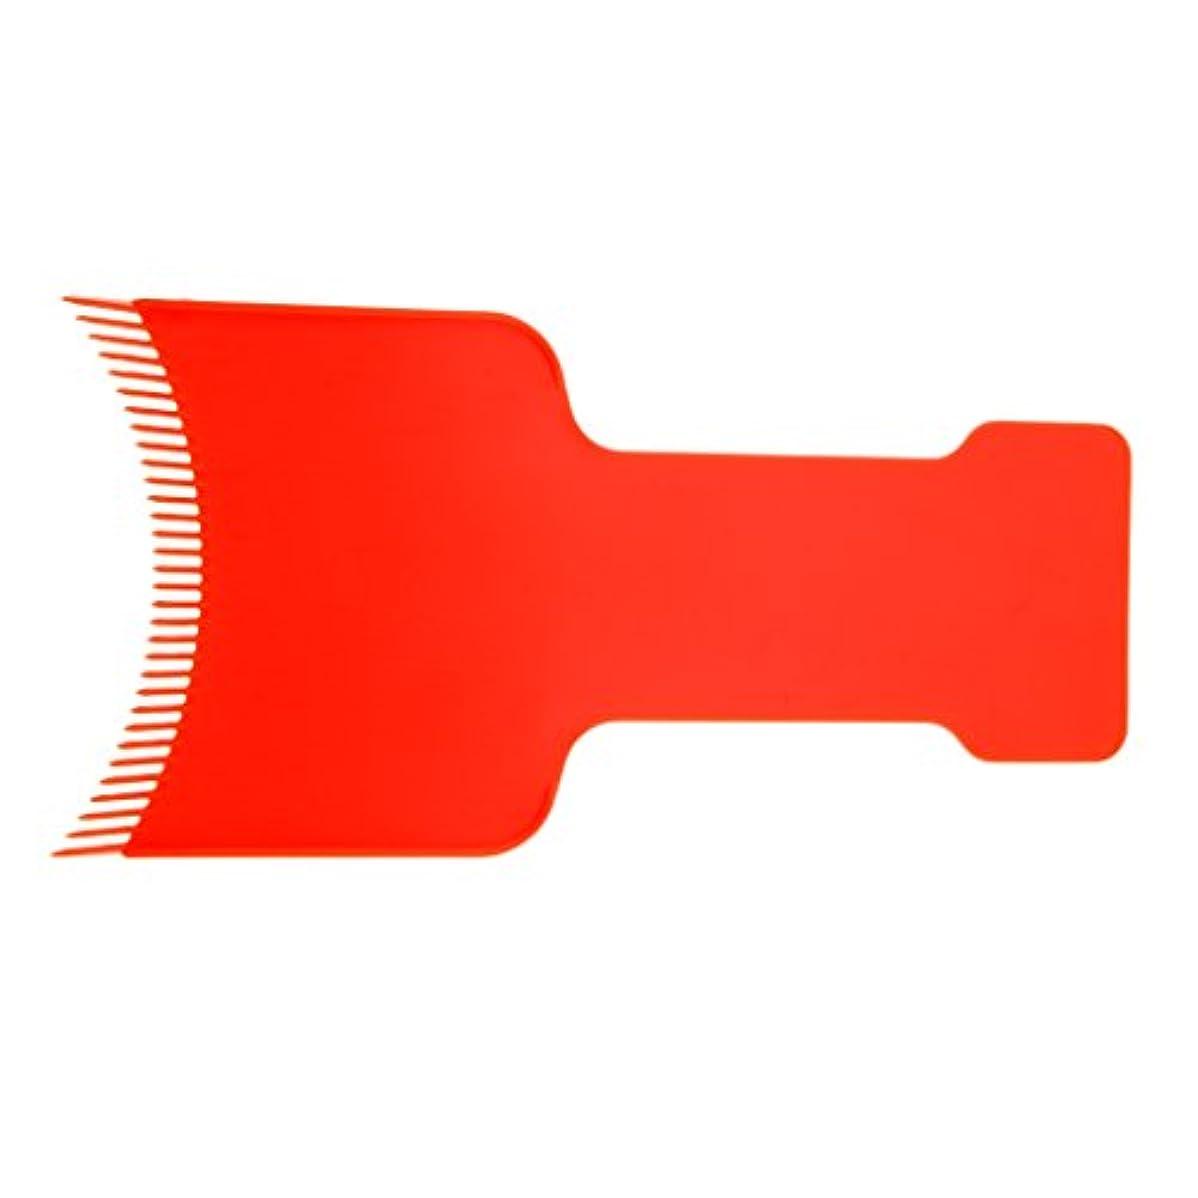 CUTICATE サロンヘアカラーボードヘアカラーティントプレート理髪美容美容 健康